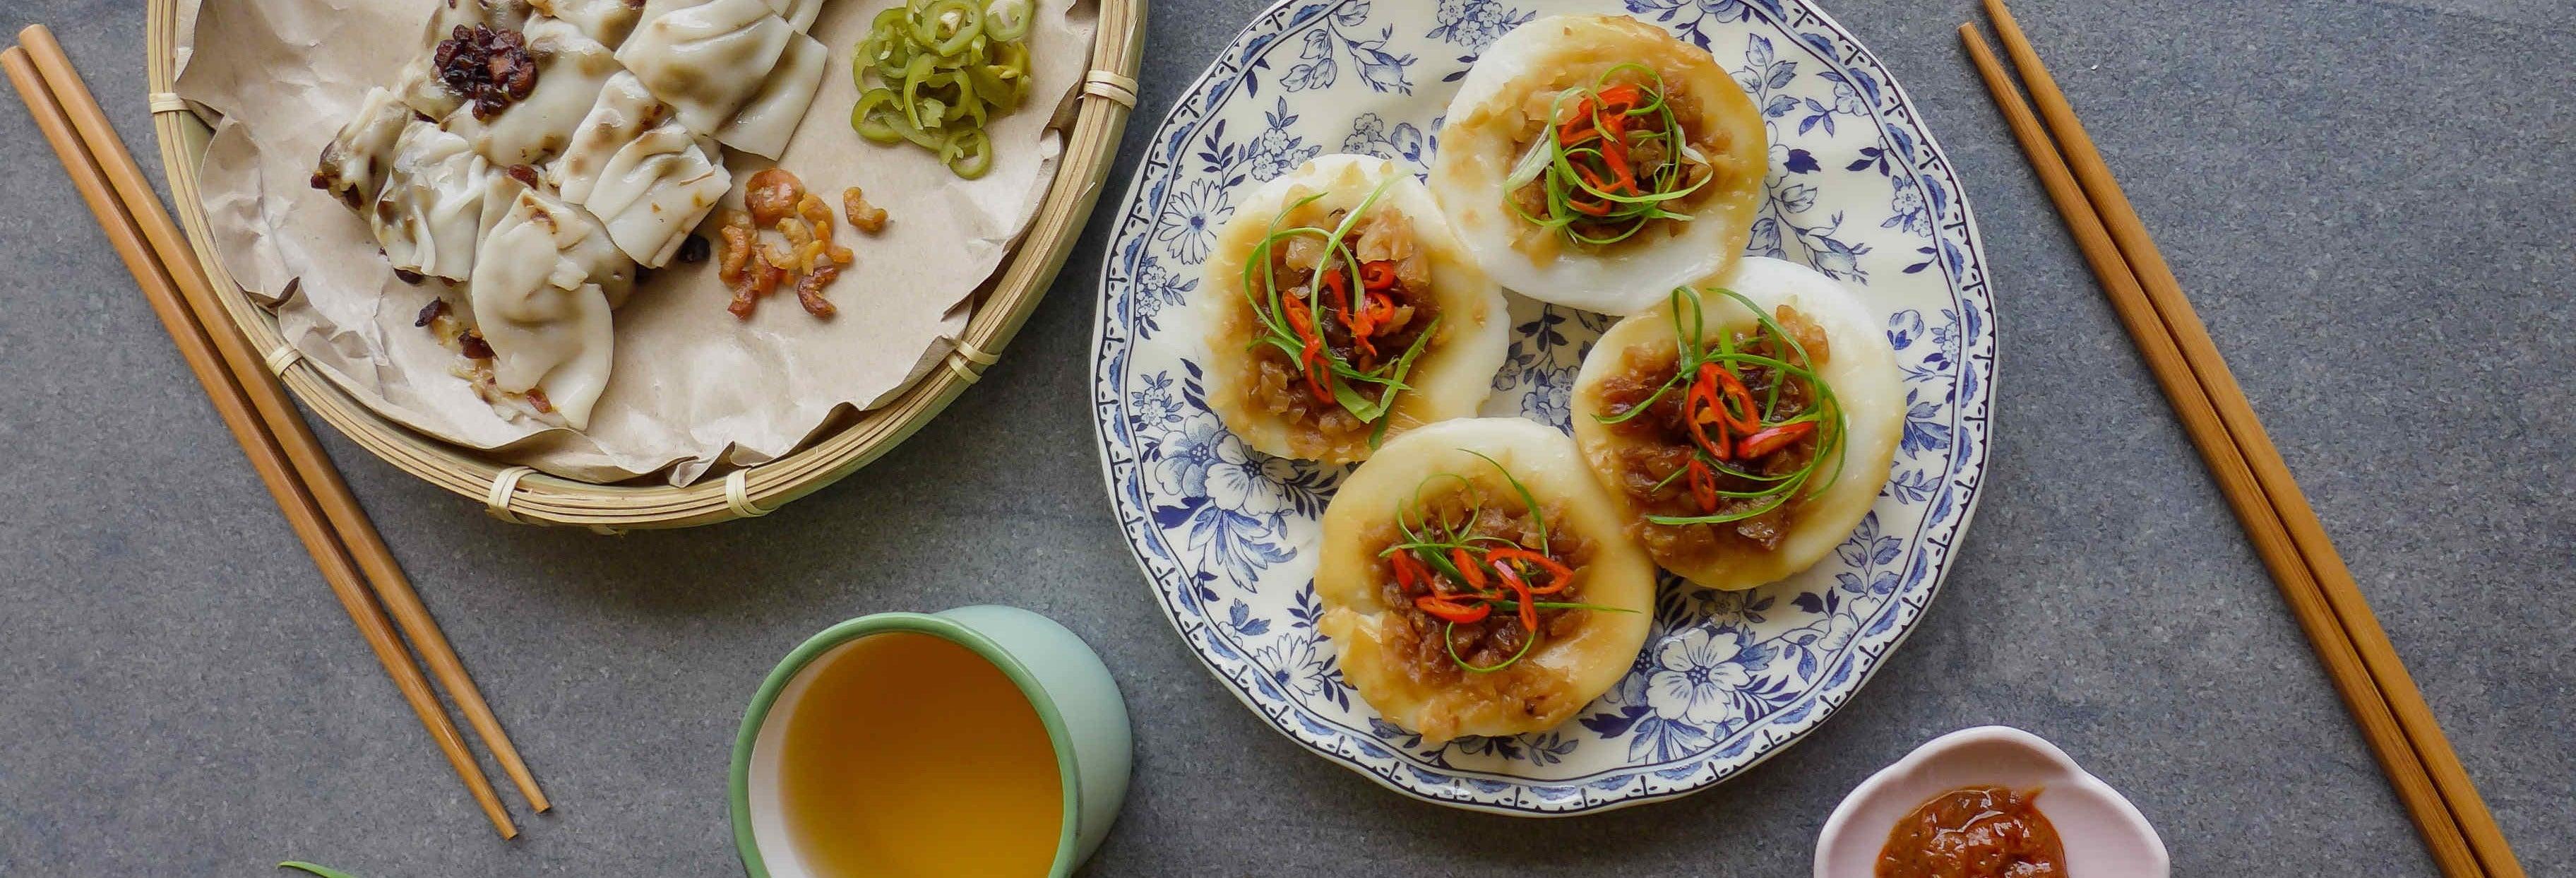 Visite gastronomique dans Chinatown